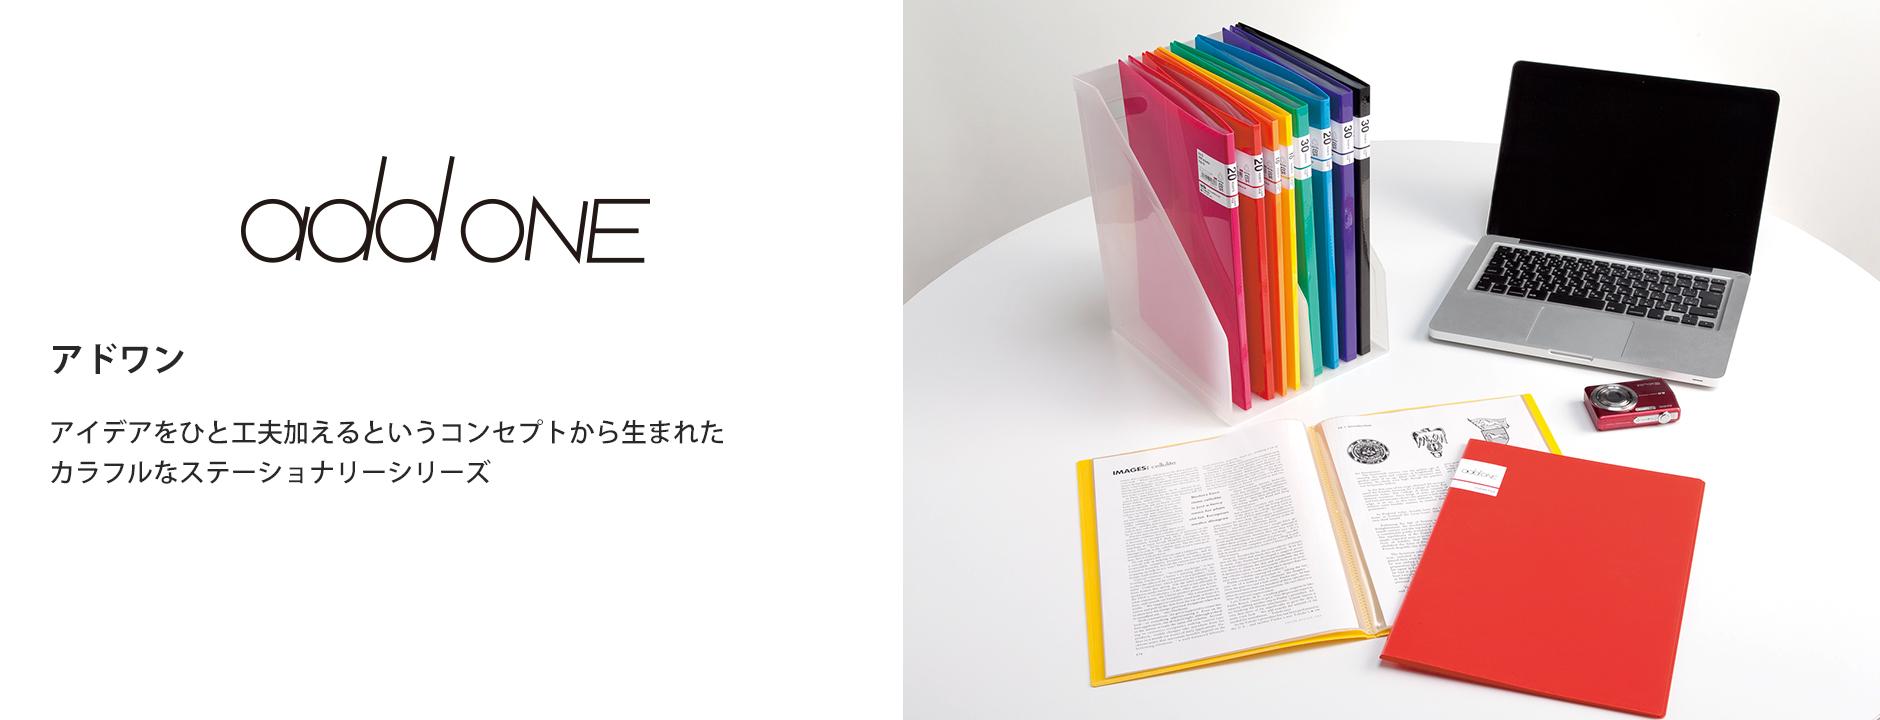 addone(アドワン)